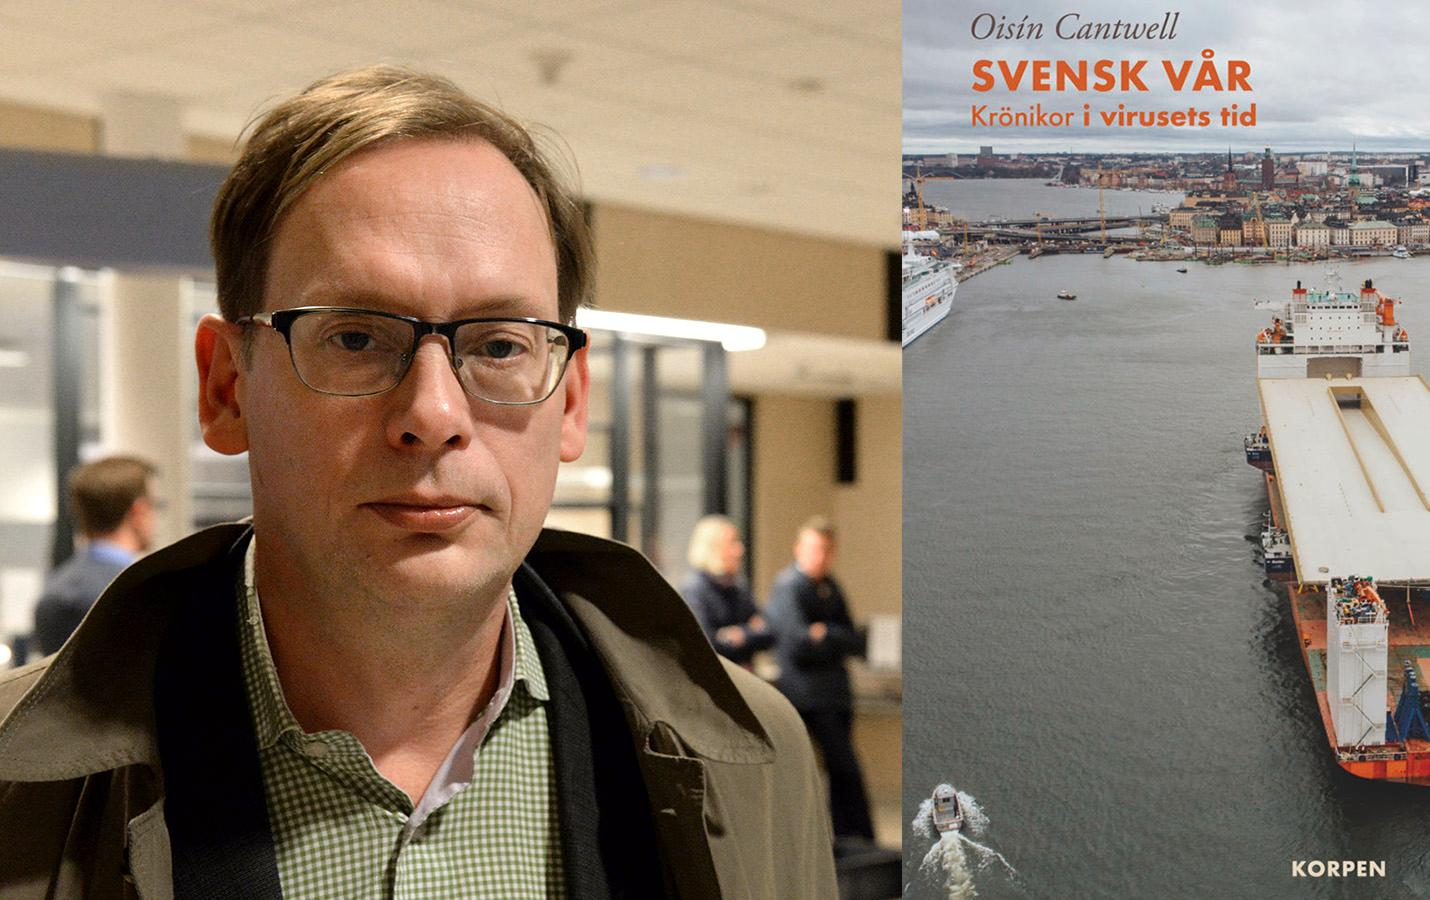 Oisín Cantwell är nyhetskrönikör på Aftonbladet.